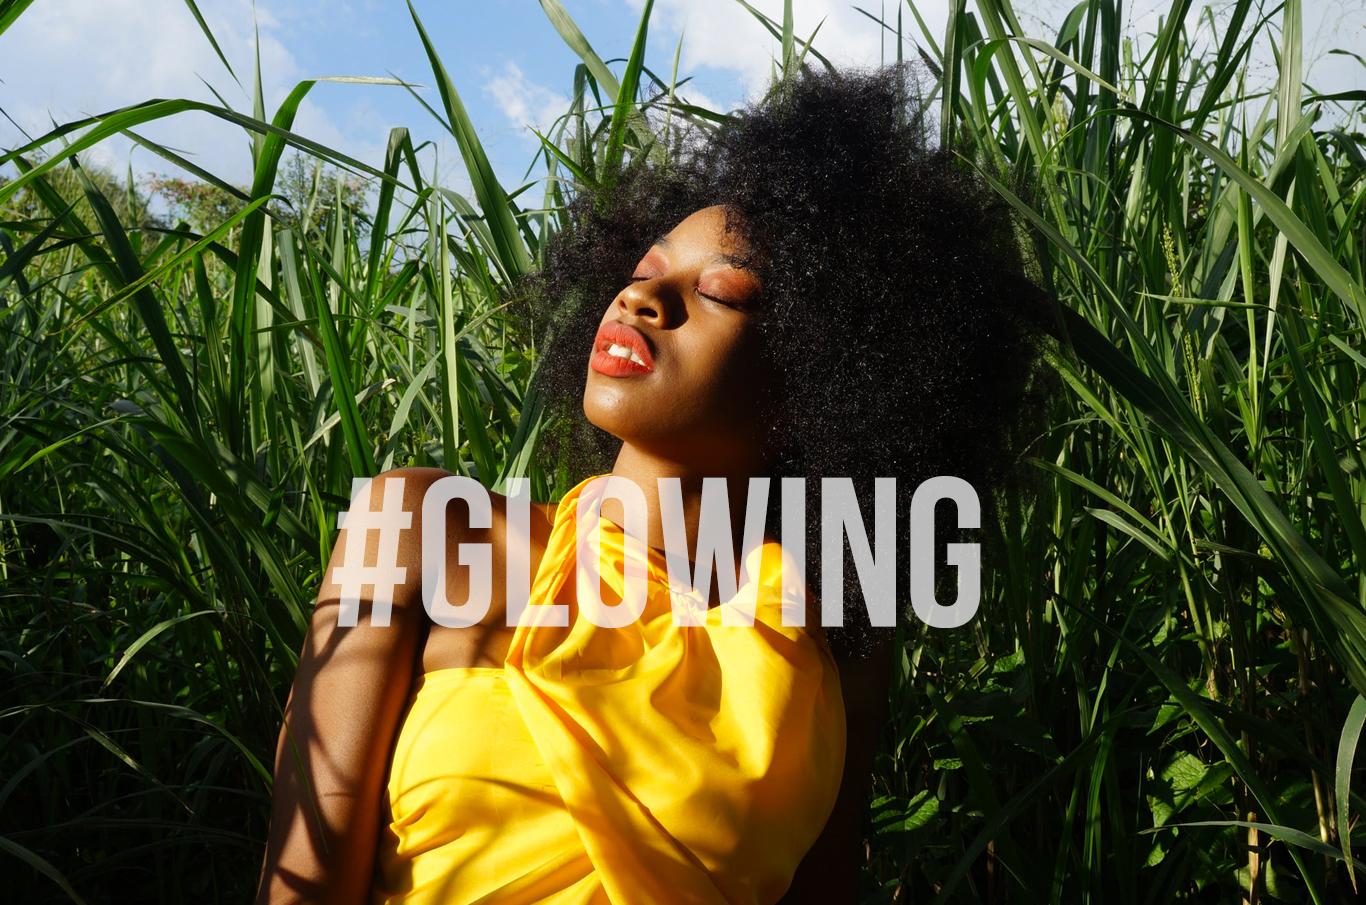 glowing.jpg